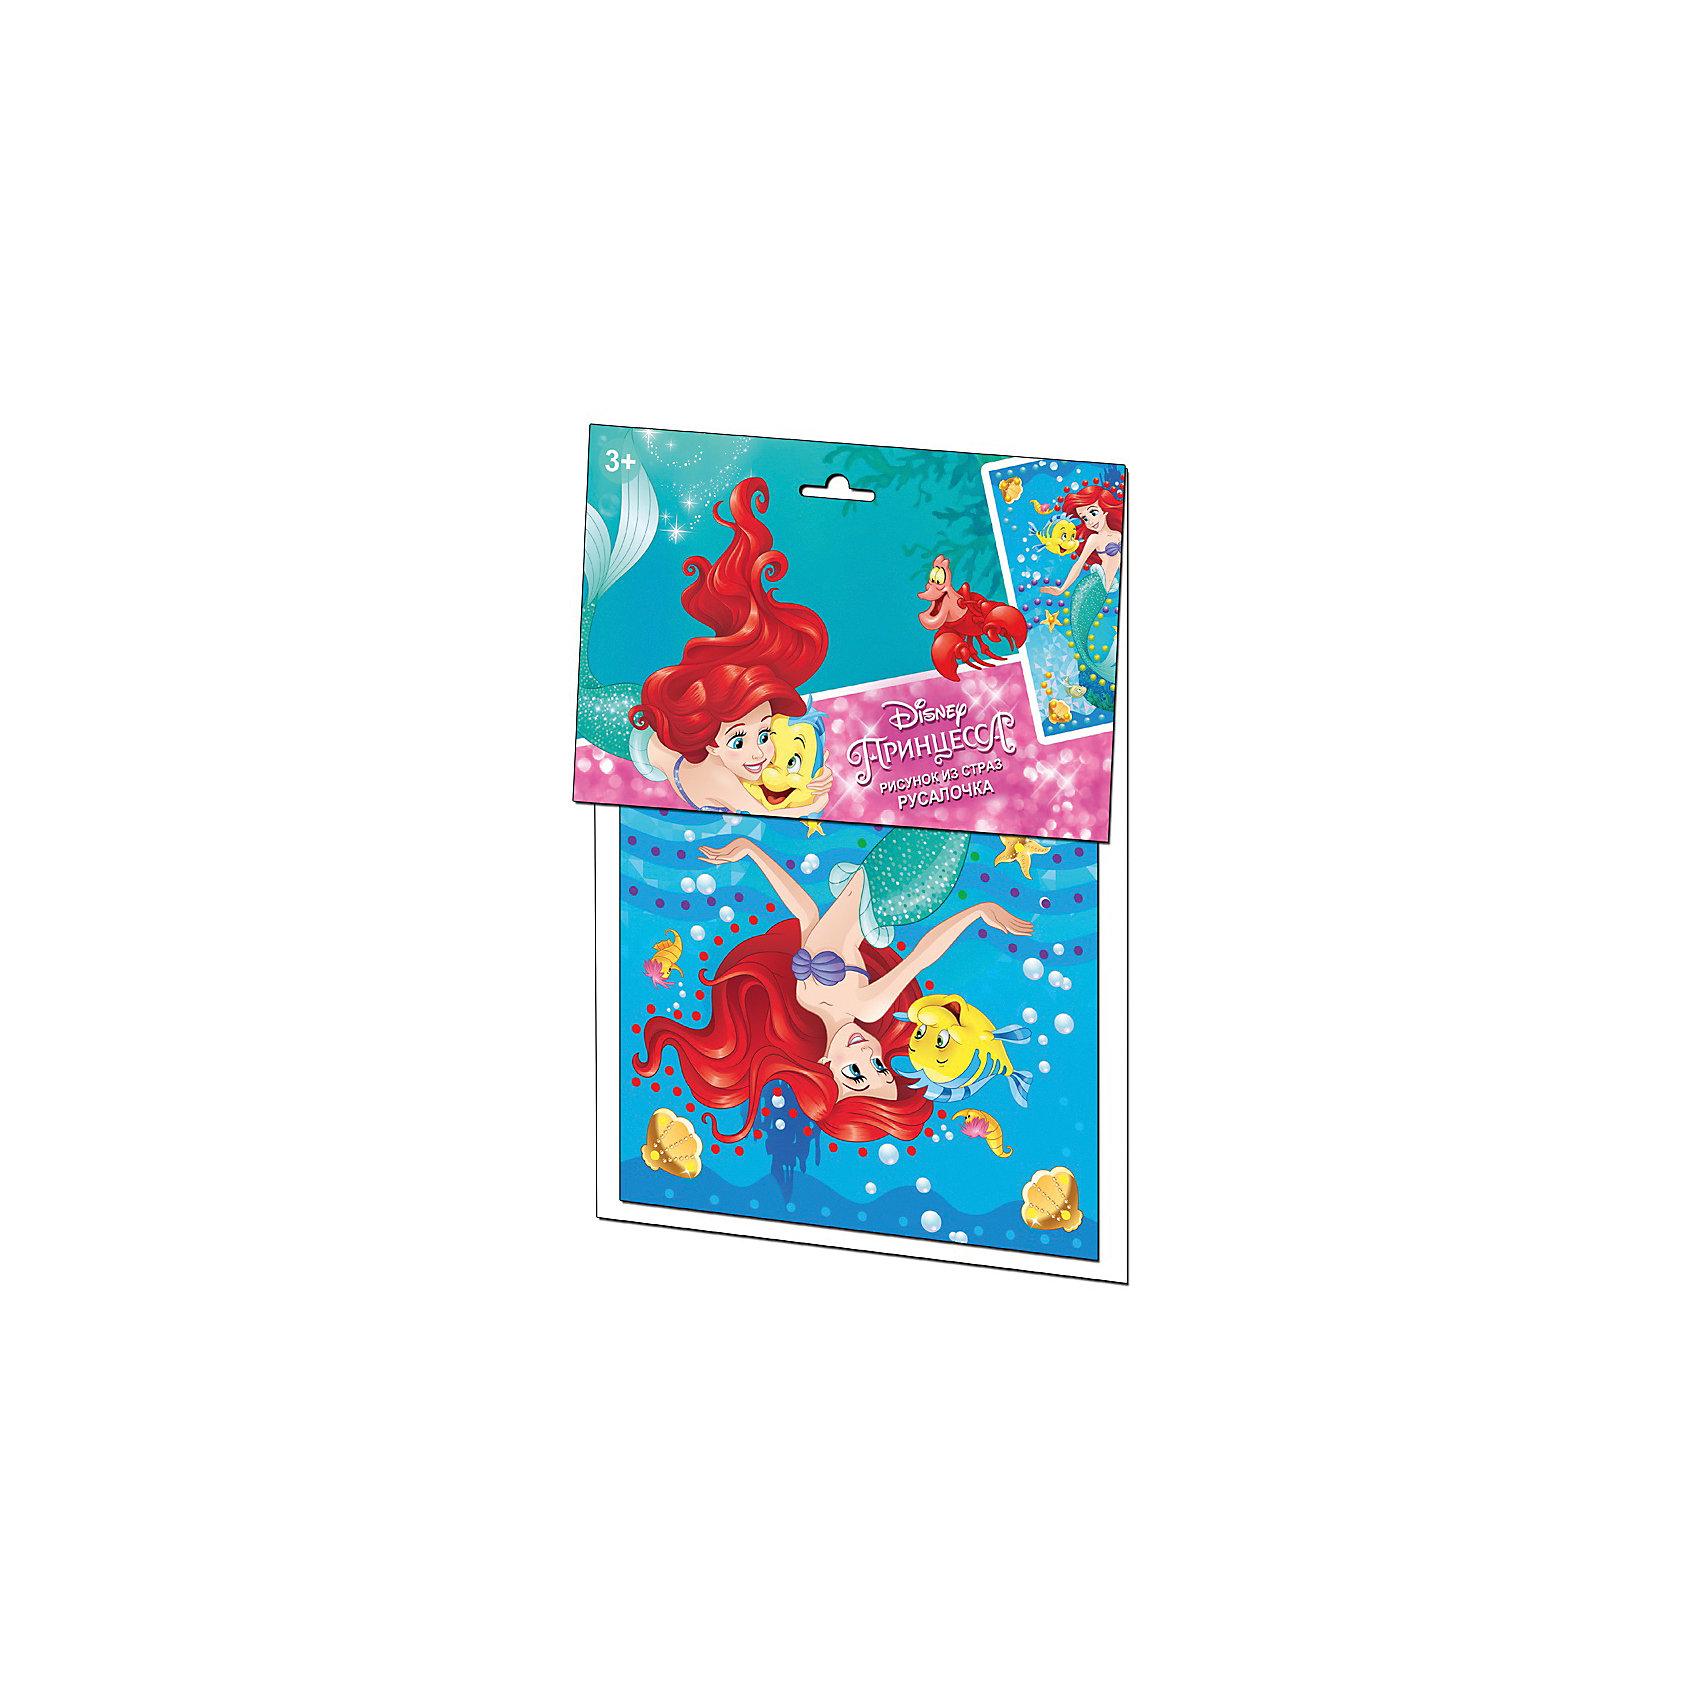 Набор для творчества Русалочка, Десятое королевствоЗадача - украсить рисунок стразами, обязательно под присмотром взрослых (из-за наличия мелких деталей), постепенно у ребенка будет появляться сверкающий рисунок, а готовое произведение не оставит равнодушным даже взрослых. В состав набора входят:<br>- блок самоклеющихся страз – 182 шт. пяти цветов;<br>- картонная основа с рисунком, размером 250х180 мм – 1 шт.<br><br>Ширина мм: 210<br>Глубина мм: 300<br>Высота мм: 2<br>Вес г: 53<br>Возраст от месяцев: 36<br>Возраст до месяцев: 60<br>Пол: Унисекс<br>Возраст: Детский<br>SKU: 5471628